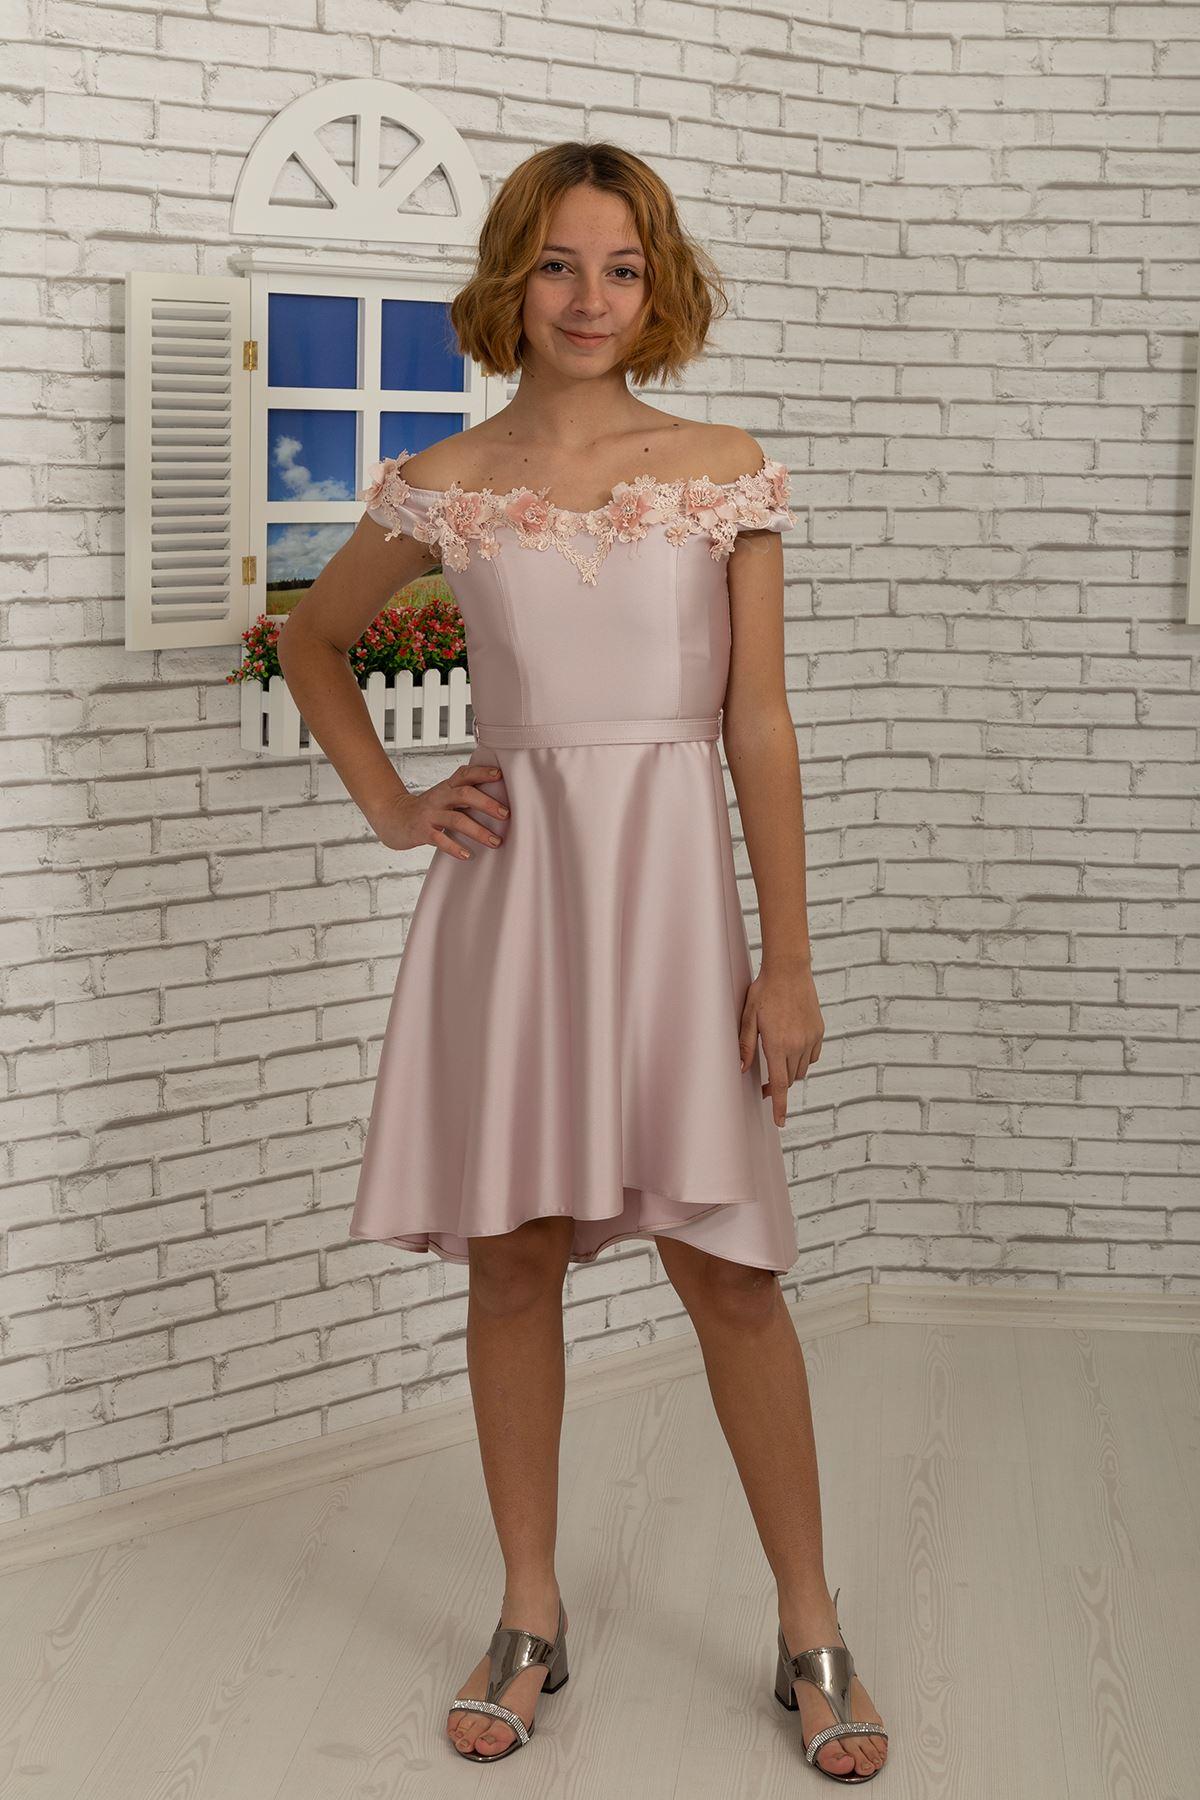 3D floral satin Stoff mit einem drop Ausschnitt auf der Schulter Mädchen Kleid 484 Pulver